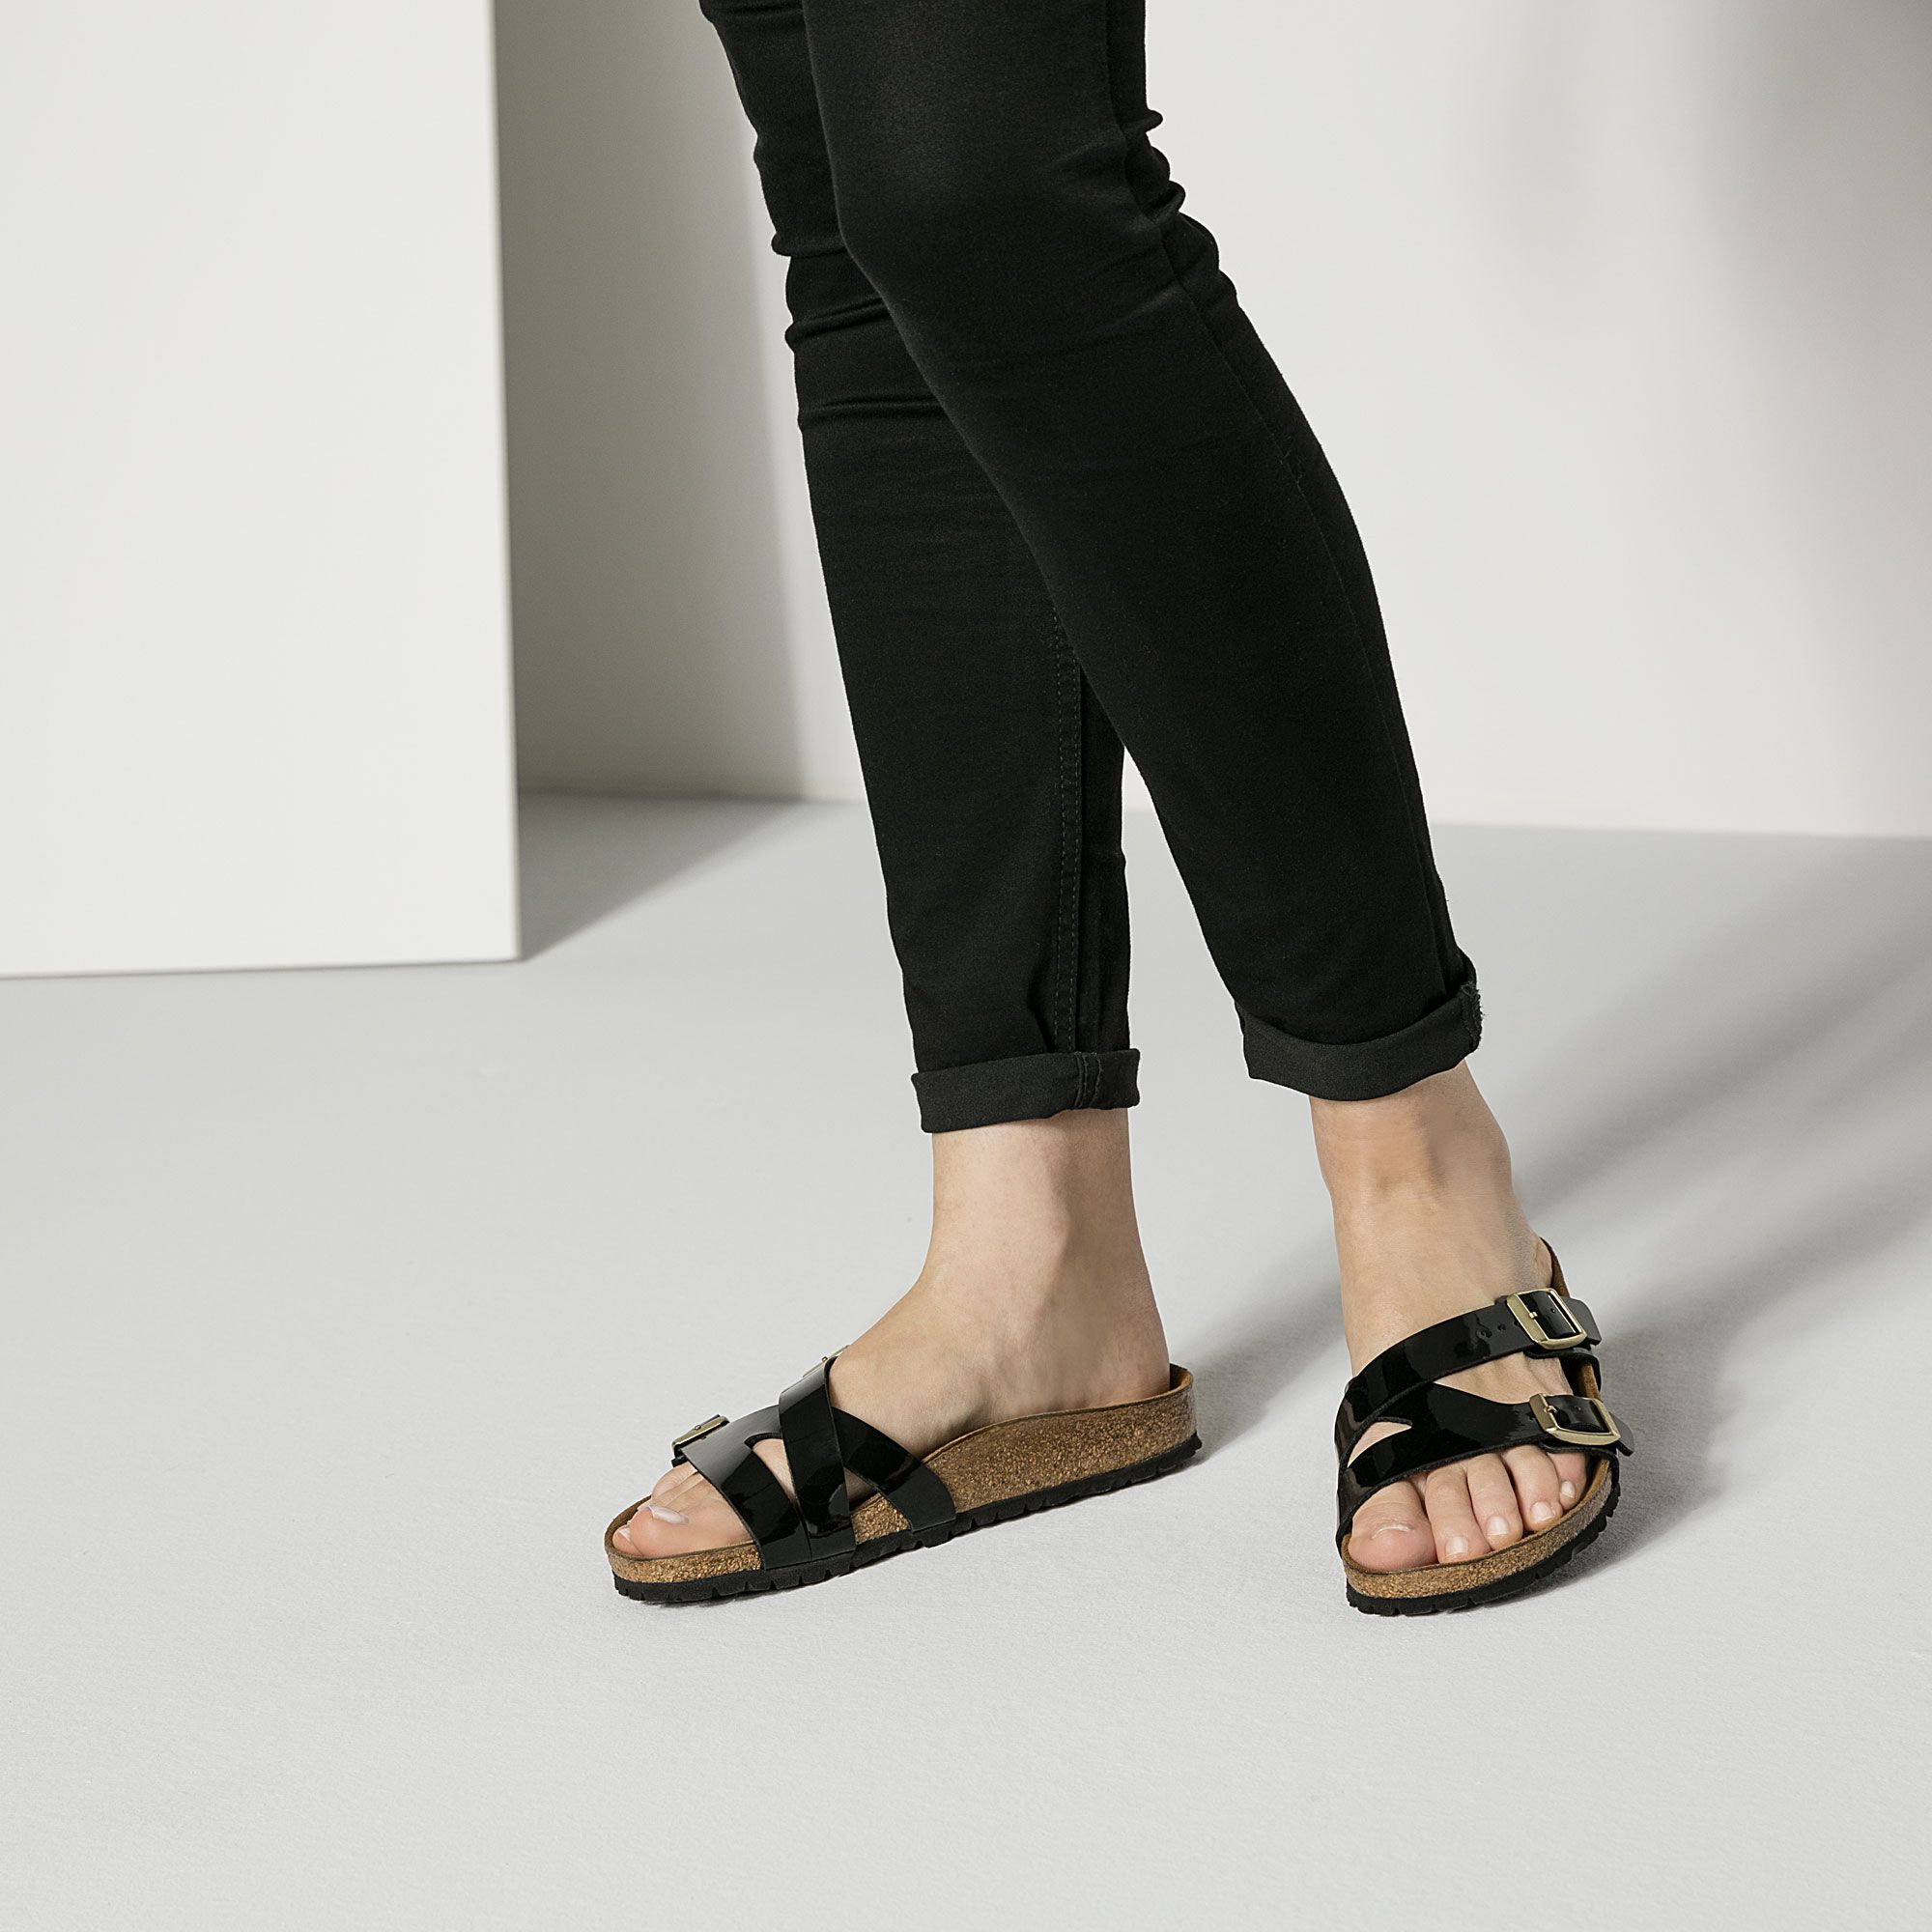 6de2ecf5264a2 Yao Birko-Flor | My Style | Birkenstock, Black wedges, Fashion